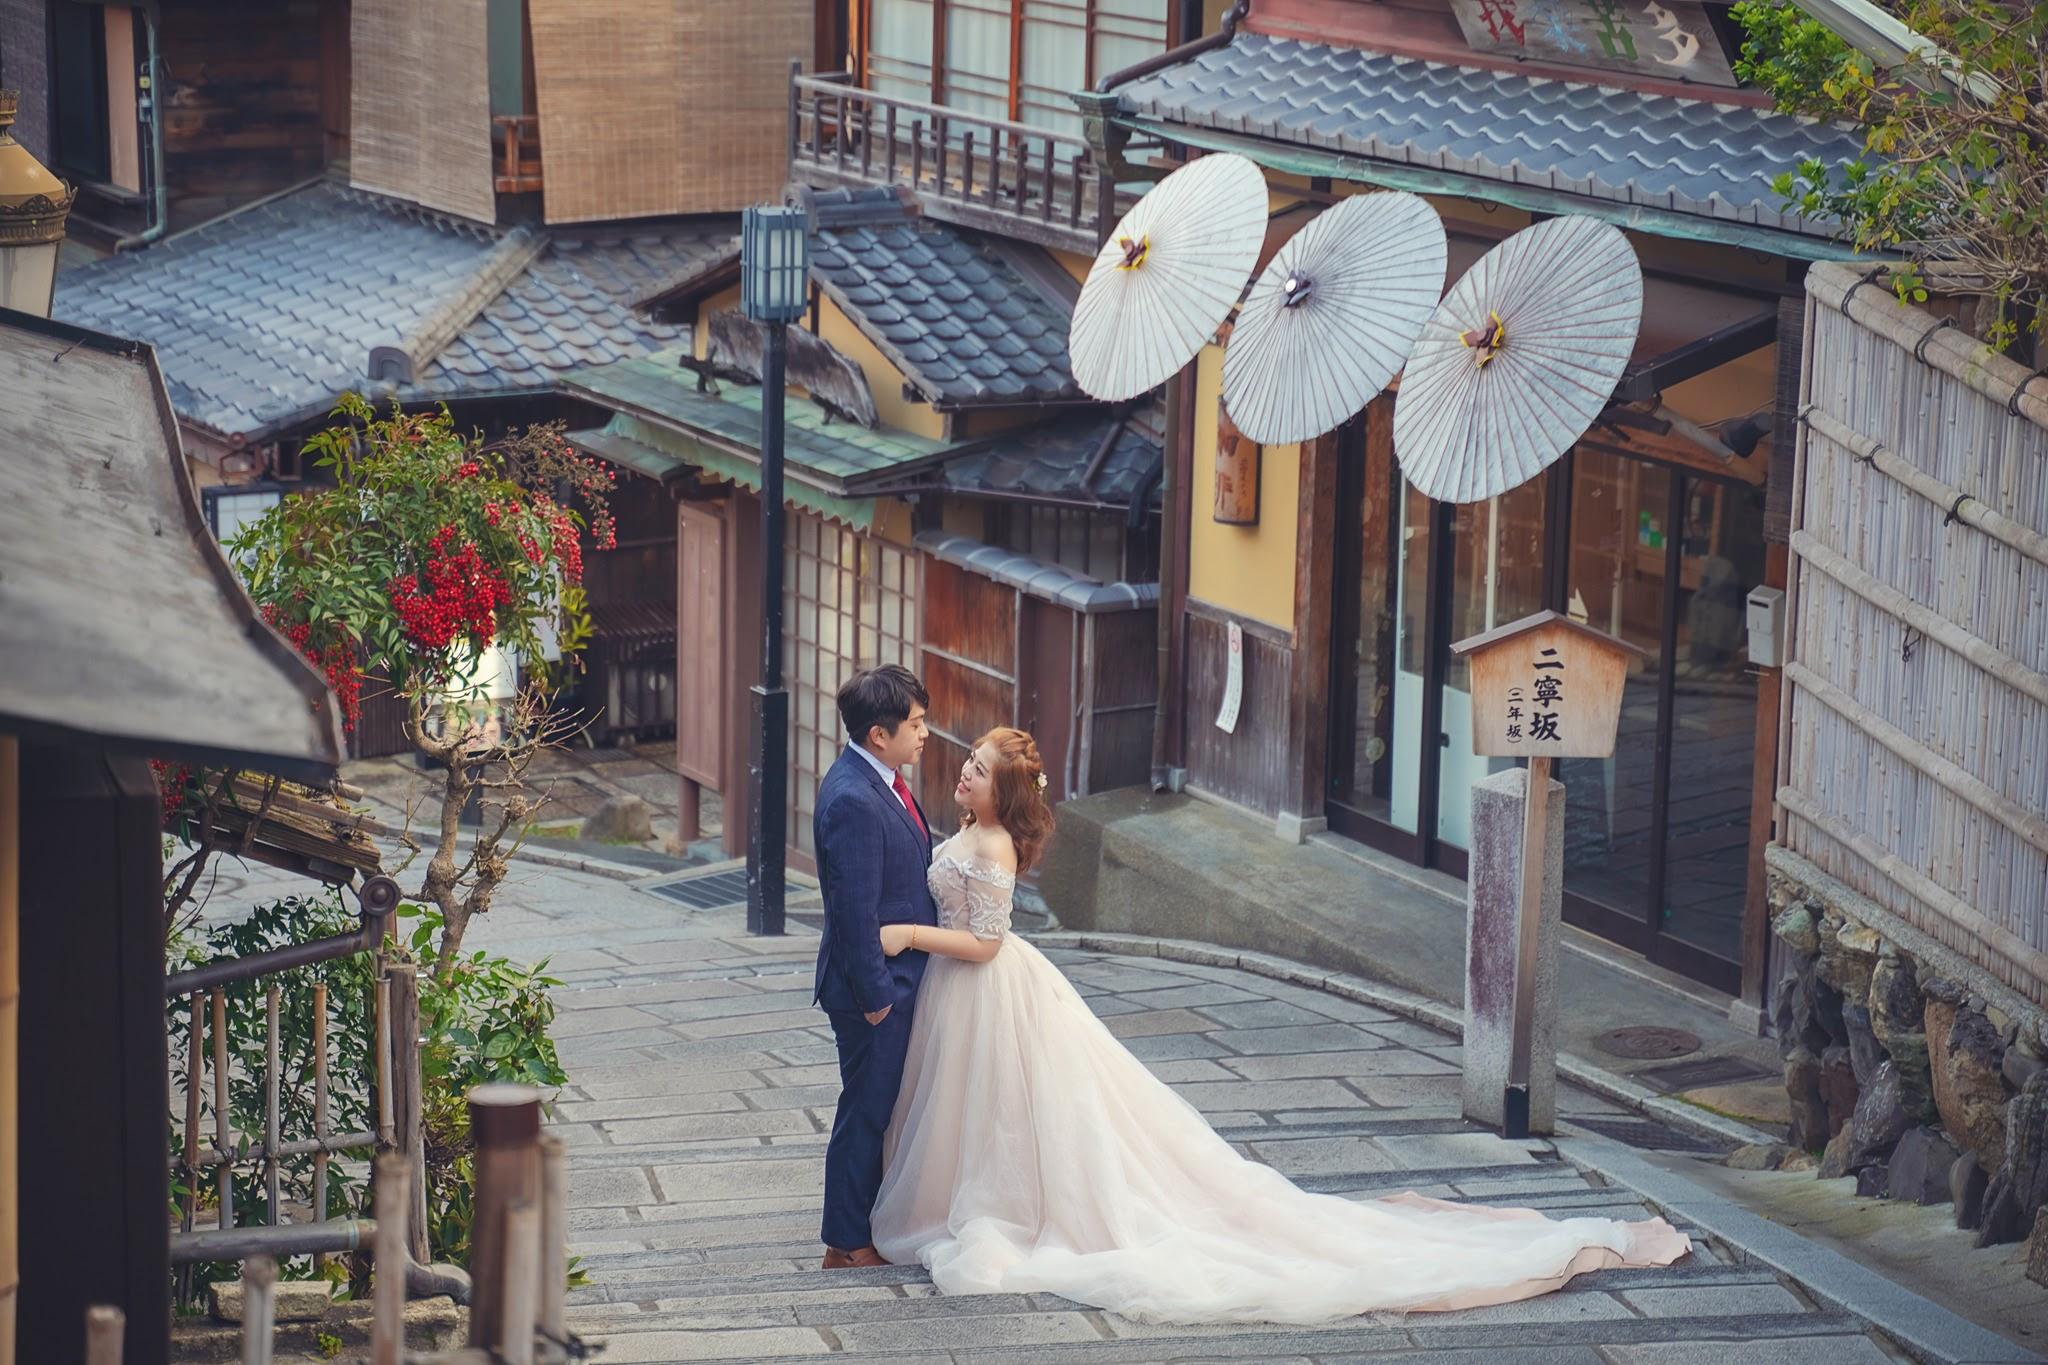 京都楓葉婚紗 二年版 日本京都遊玩 瑪朵婚紗 日本婚紗推薦 楓葉和服婚紗 清水寺 鴨川 嵐山 合掌村